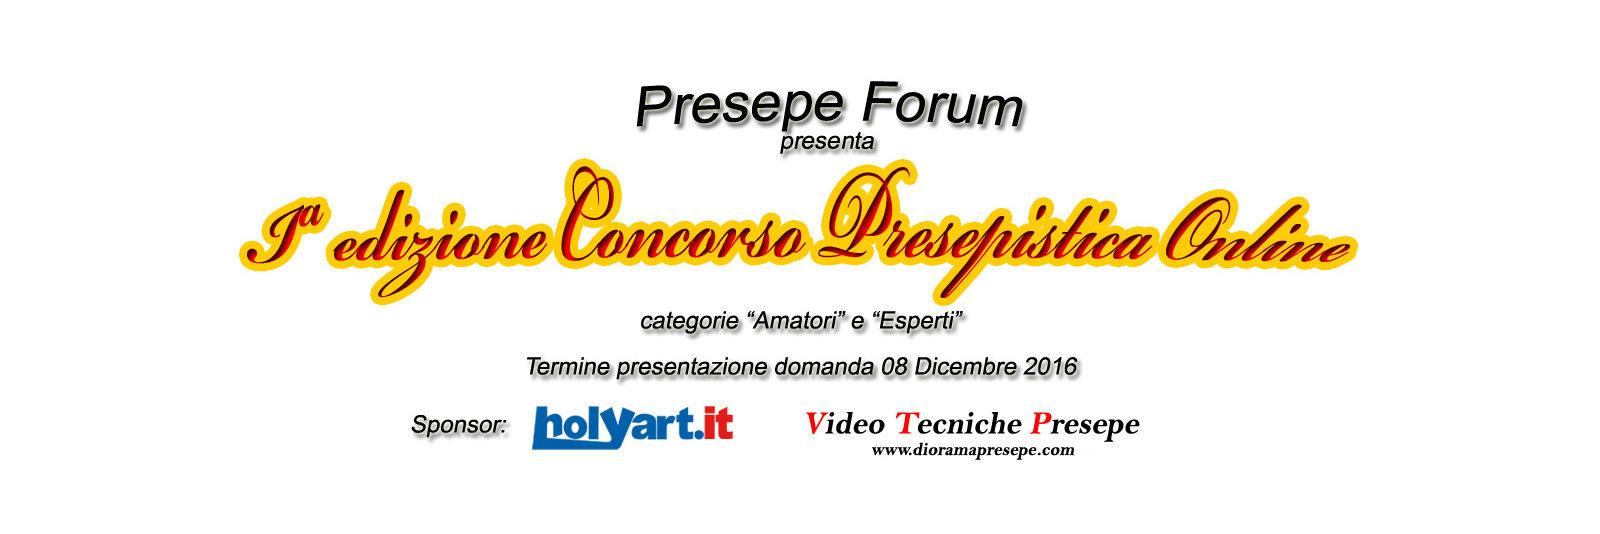 1a edizione concorso presepi online